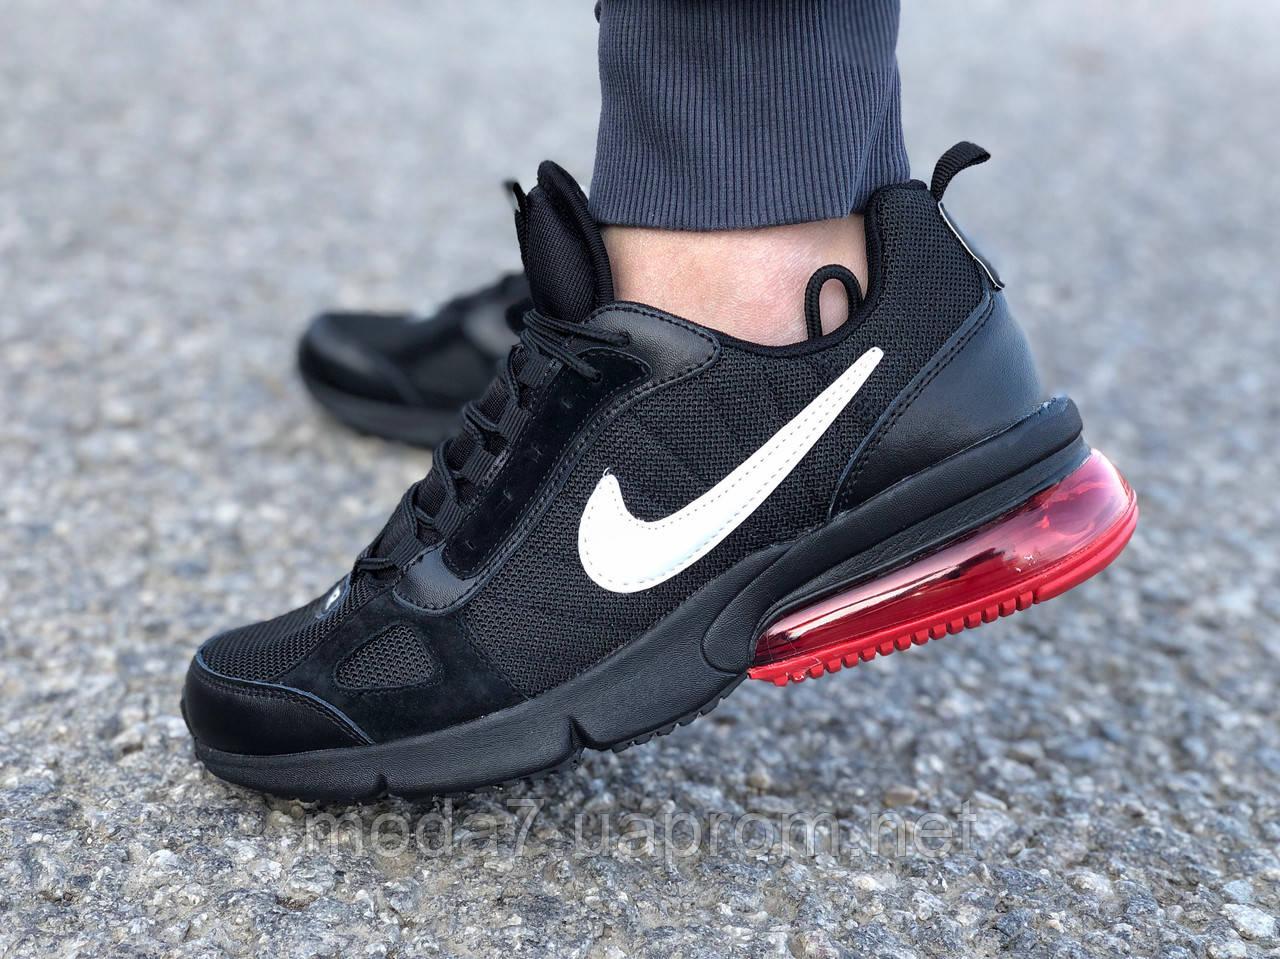 Мужские кроссовки реплика Nike Air Max черные/красные